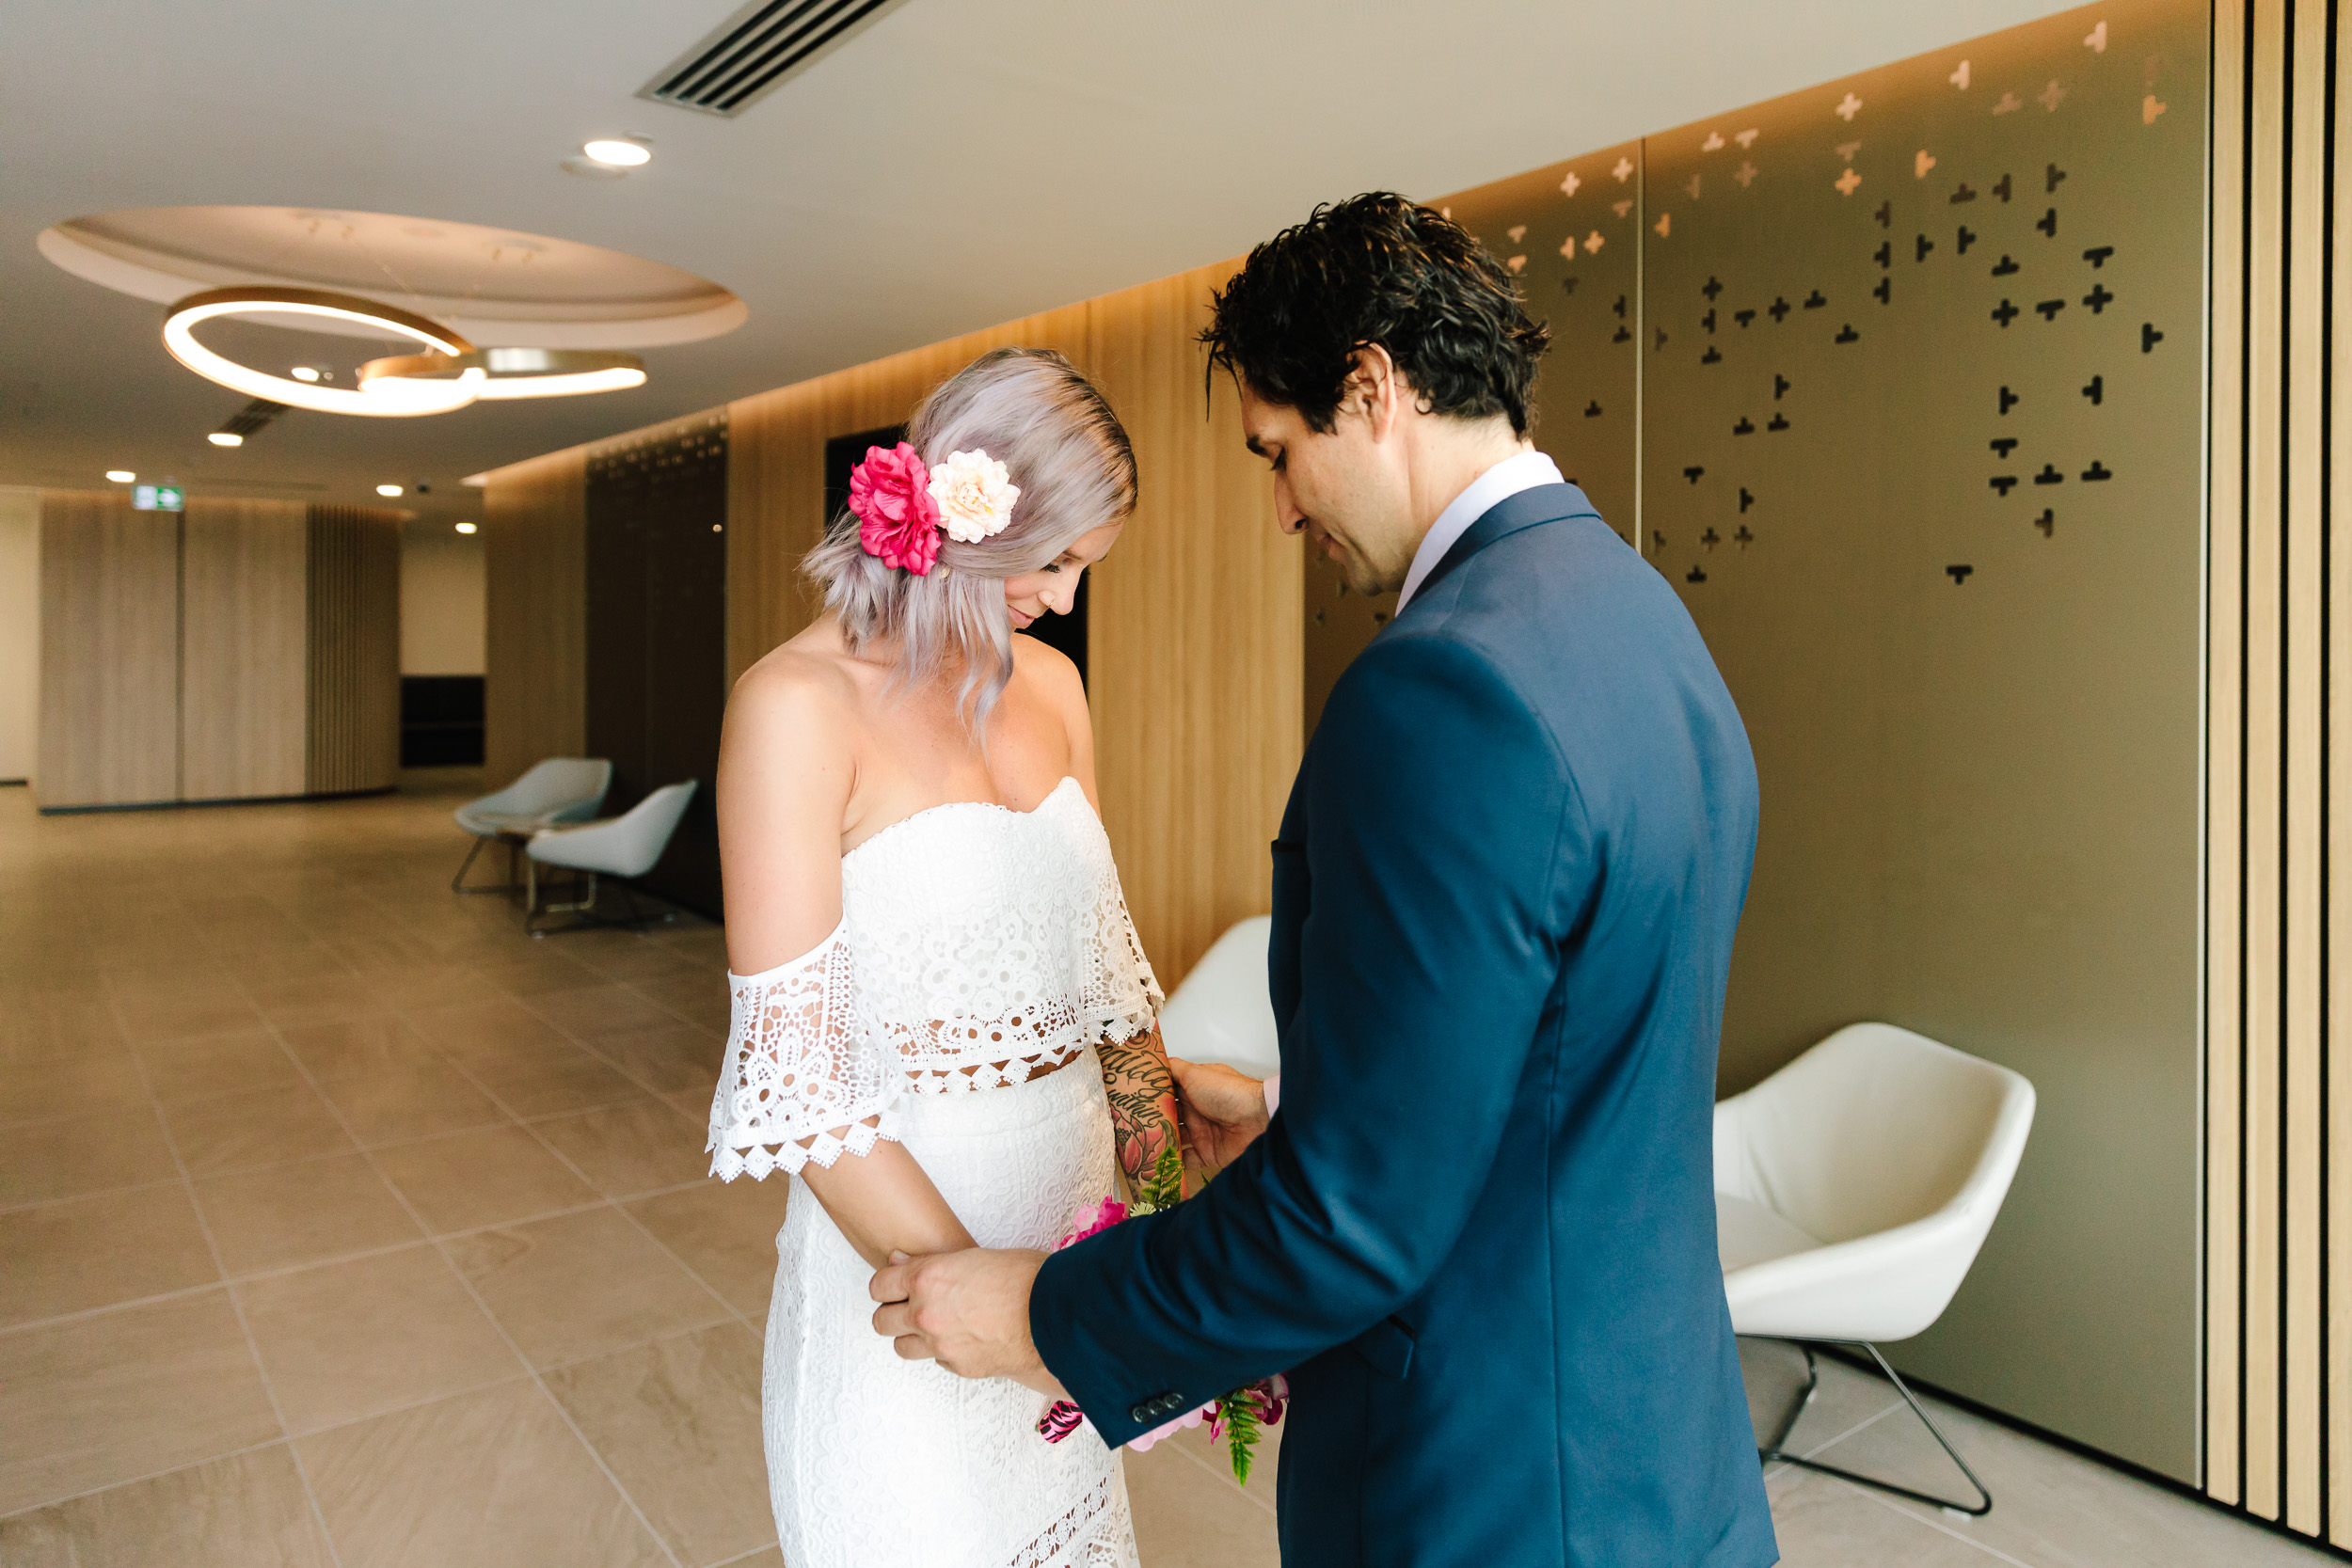 marriage-registry-cjp-0346.jpg